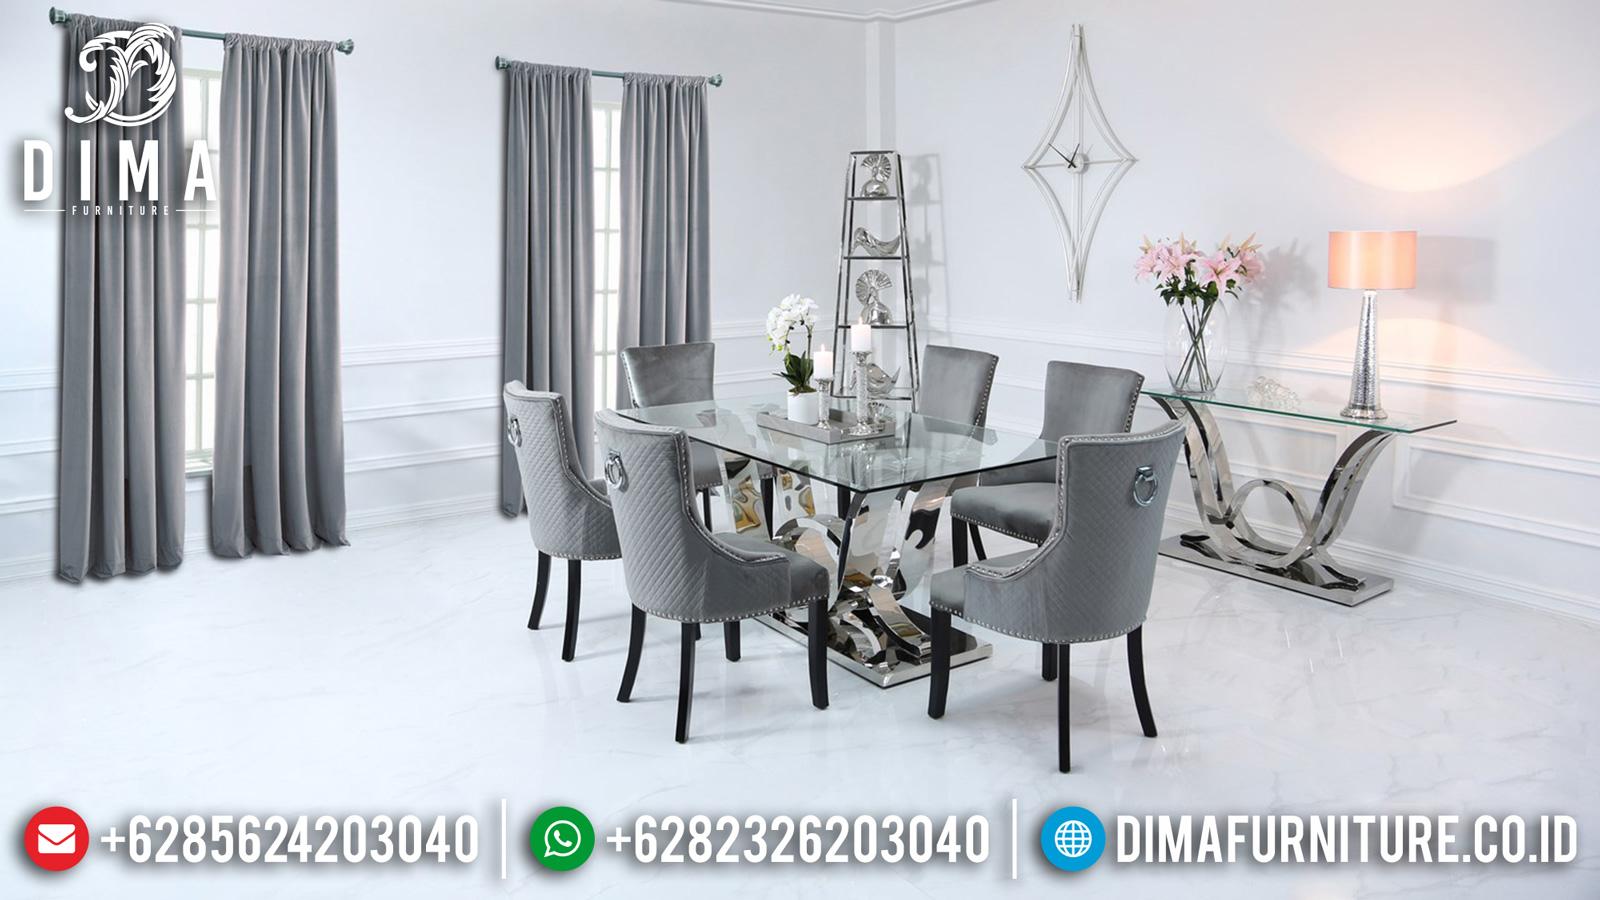 New Set Meja Makan Minimalis Kursi 6 Best Sale Valentine Edition MM-0866